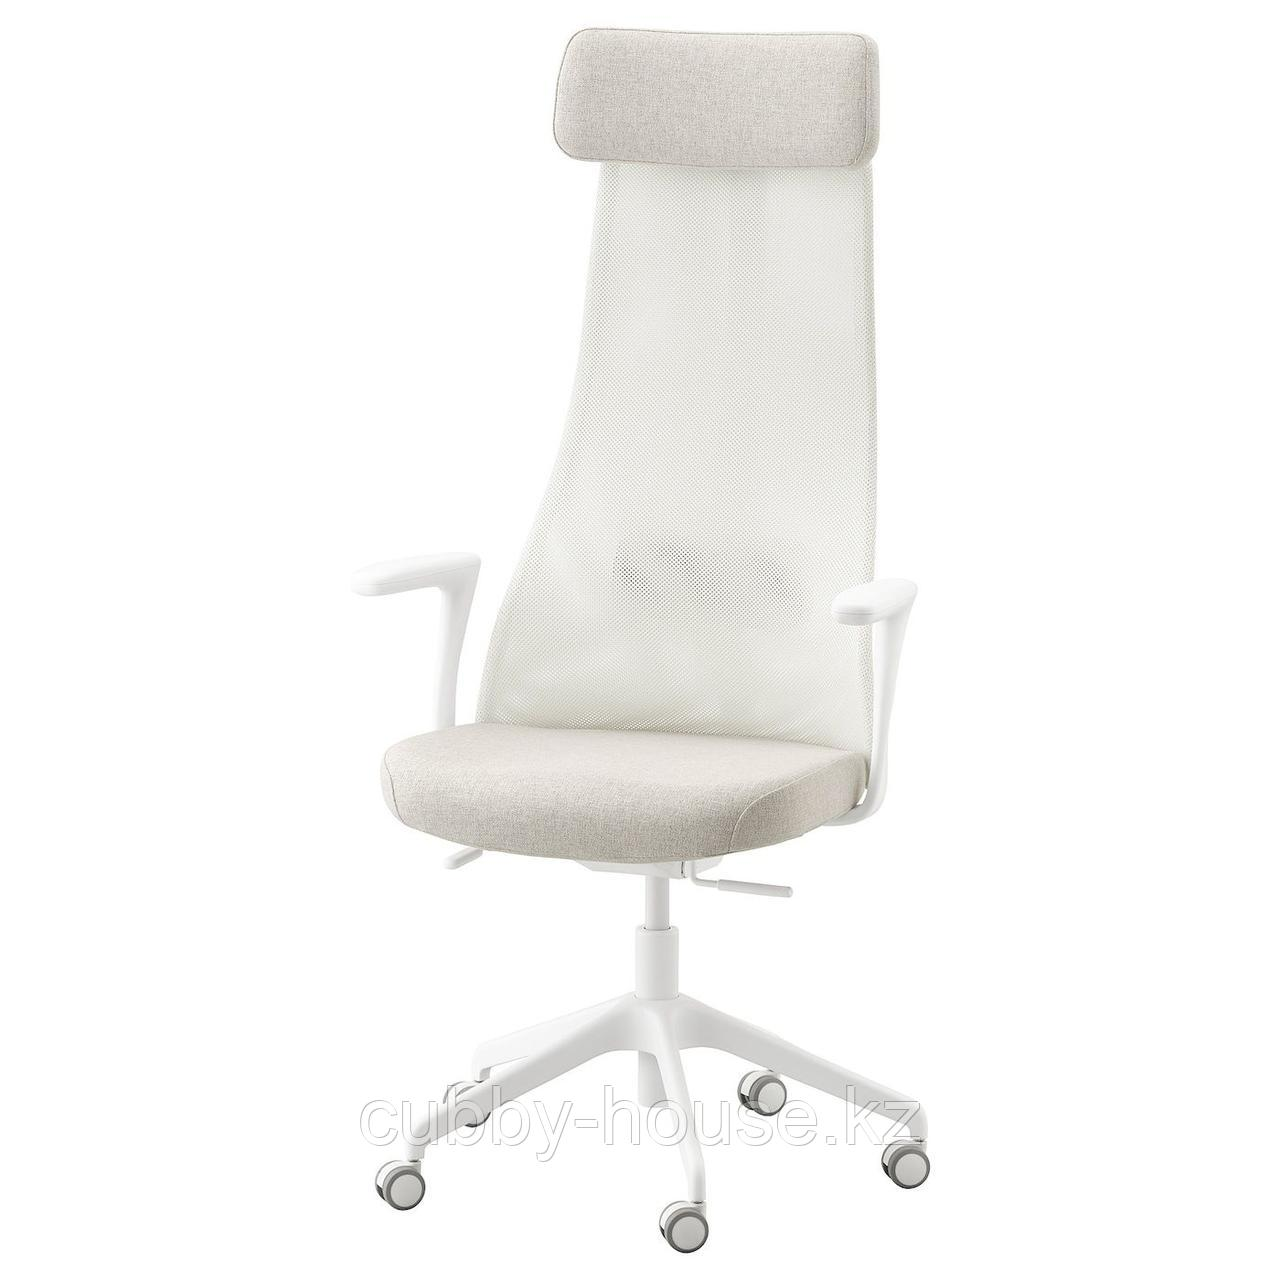 ЭРВФЬЕЛЛЕТ Вращающееся легкое кресло, Гуннаред бежевый, белый